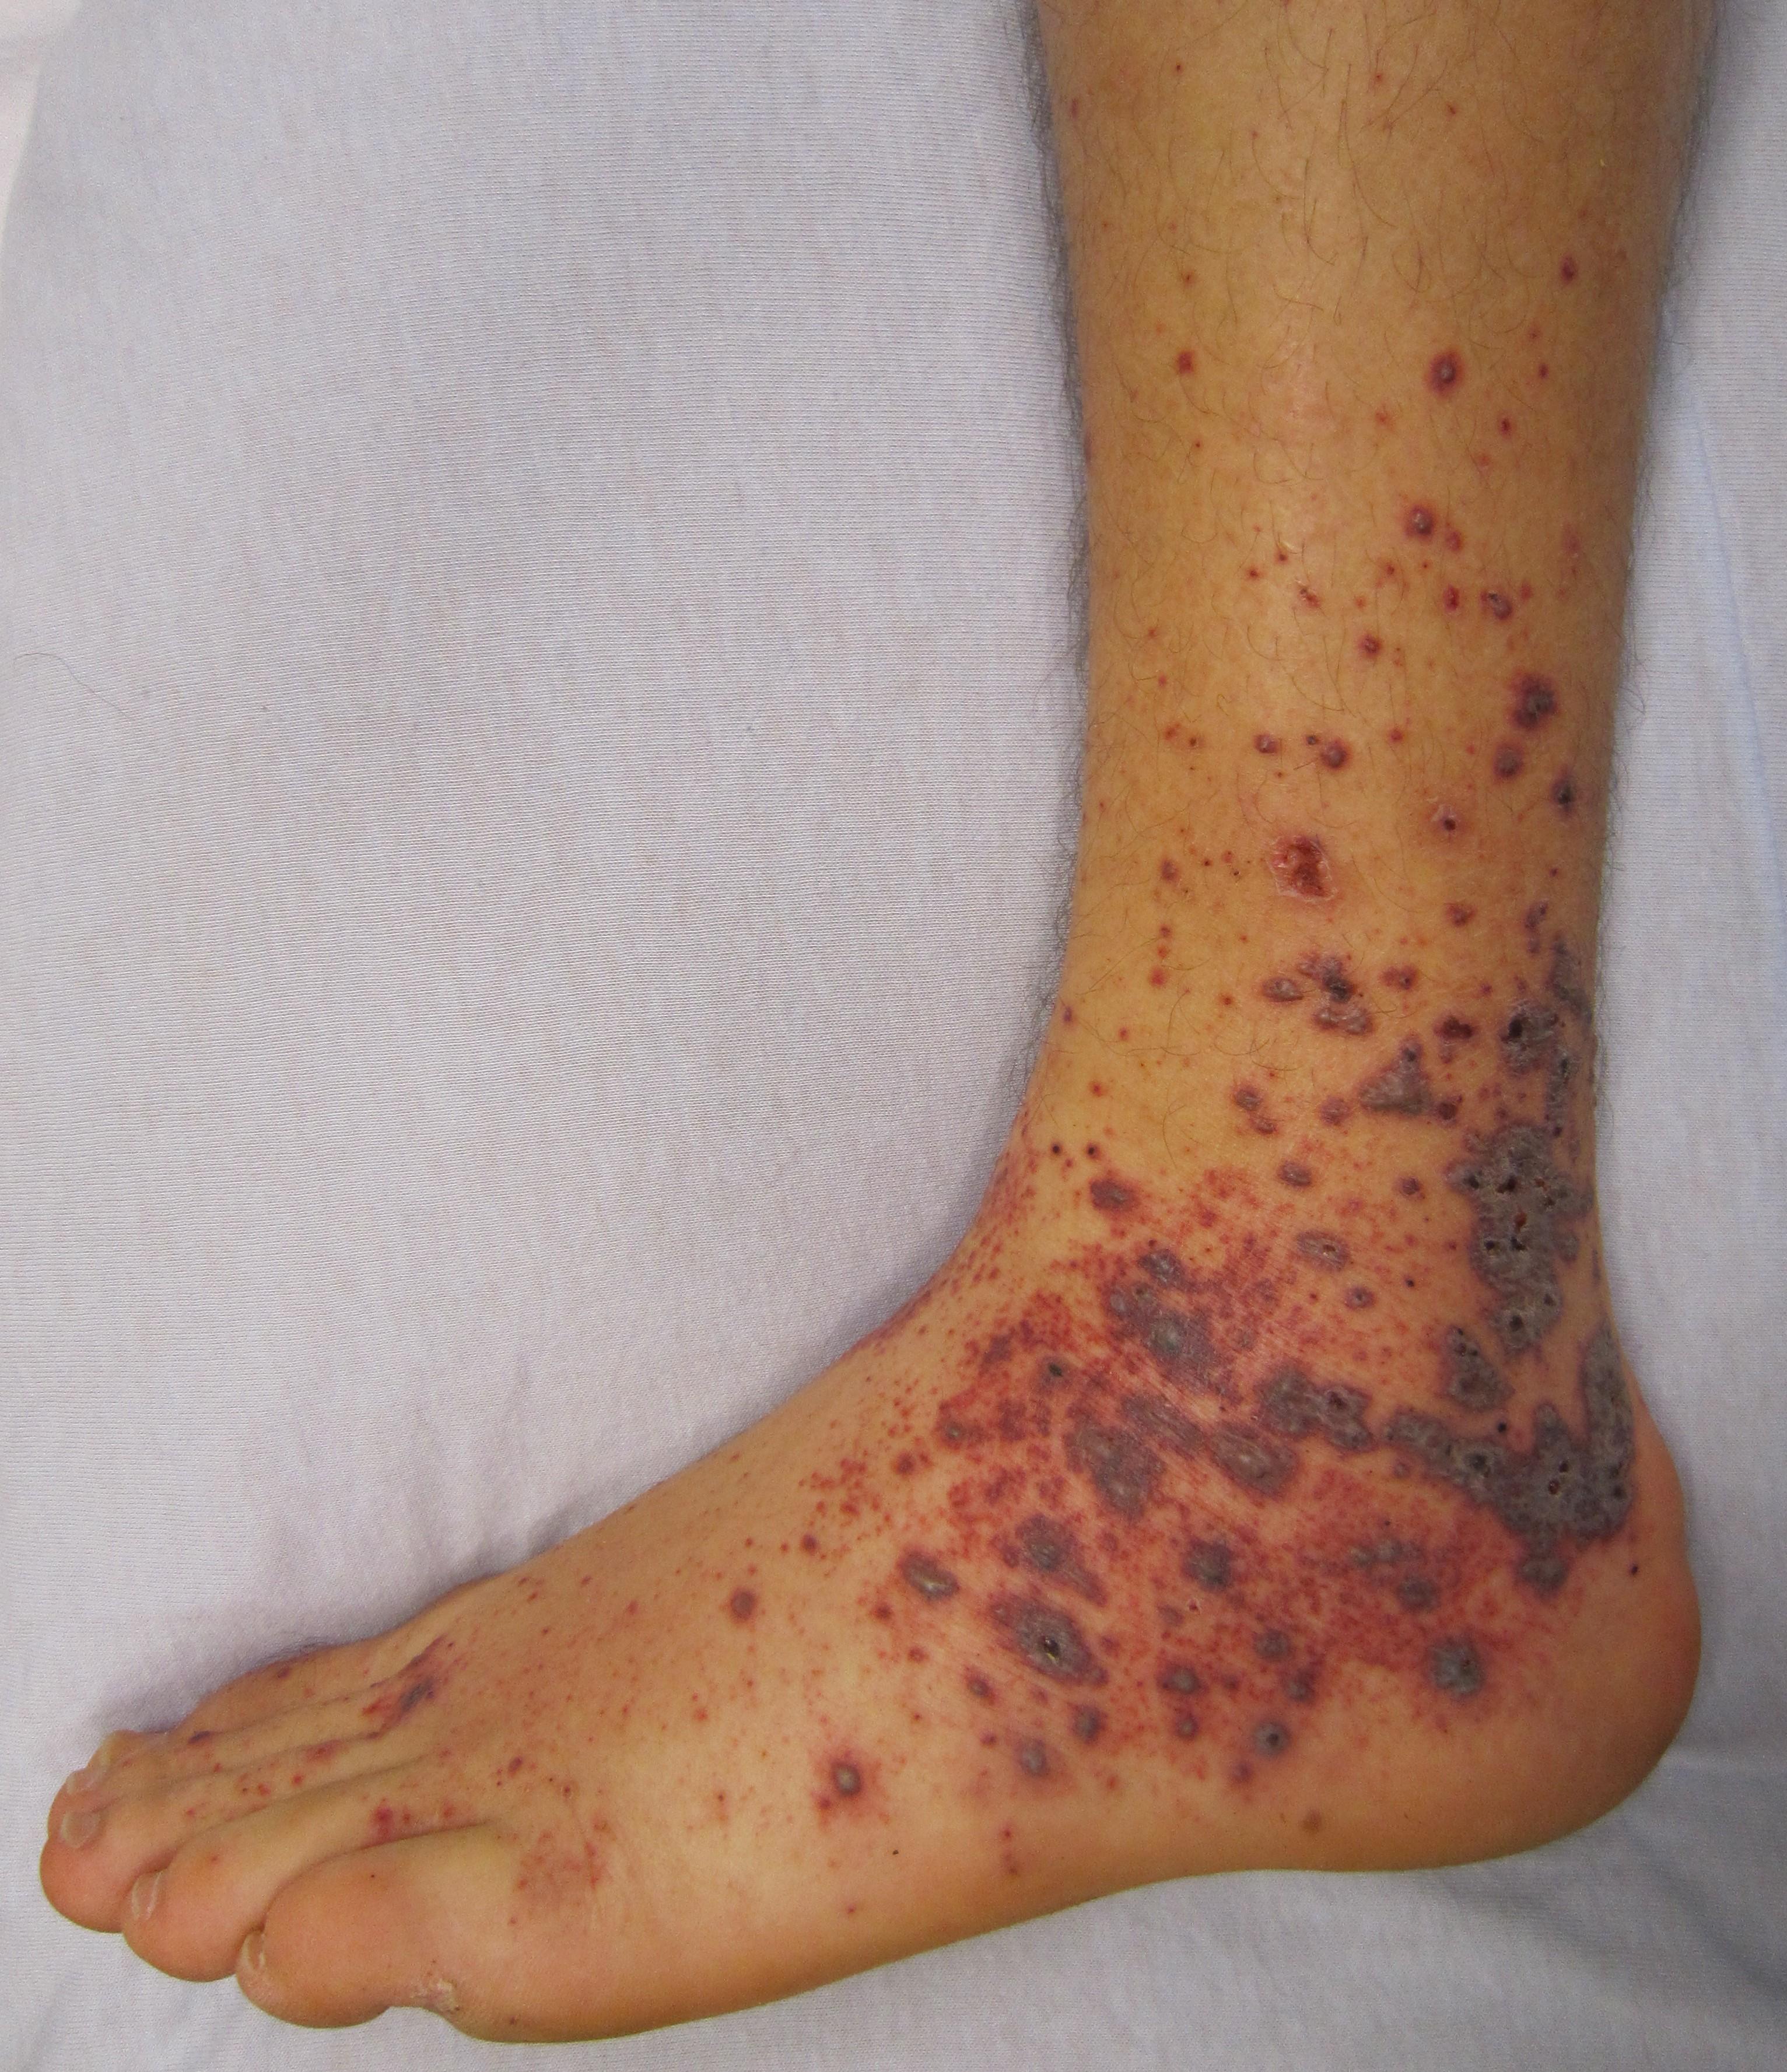 Allergic Purpura